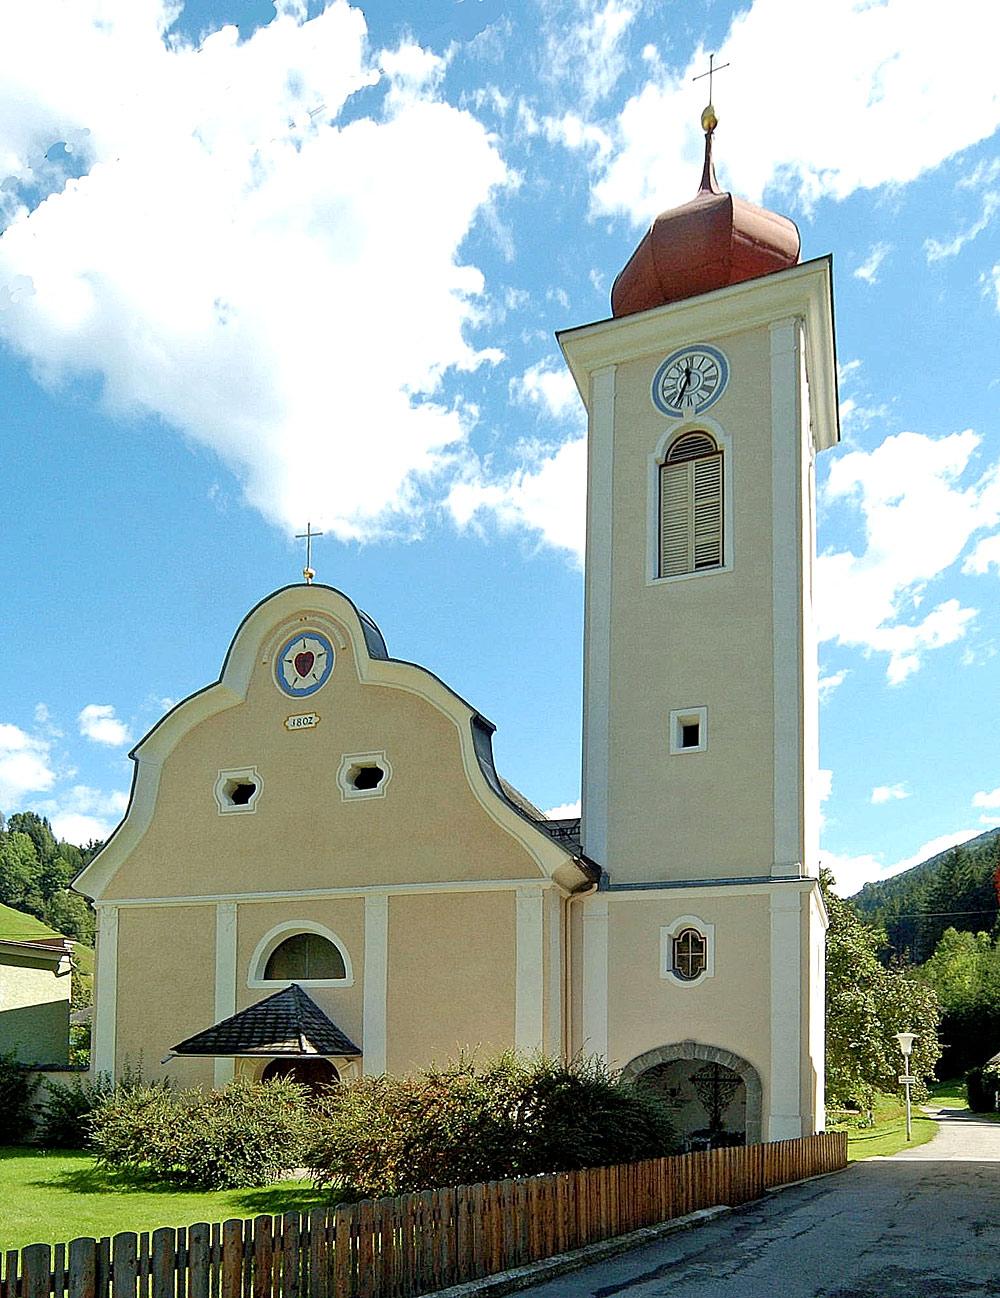 Außenansicht der evangelischen Pfarrkirche Eisentratten in Krems